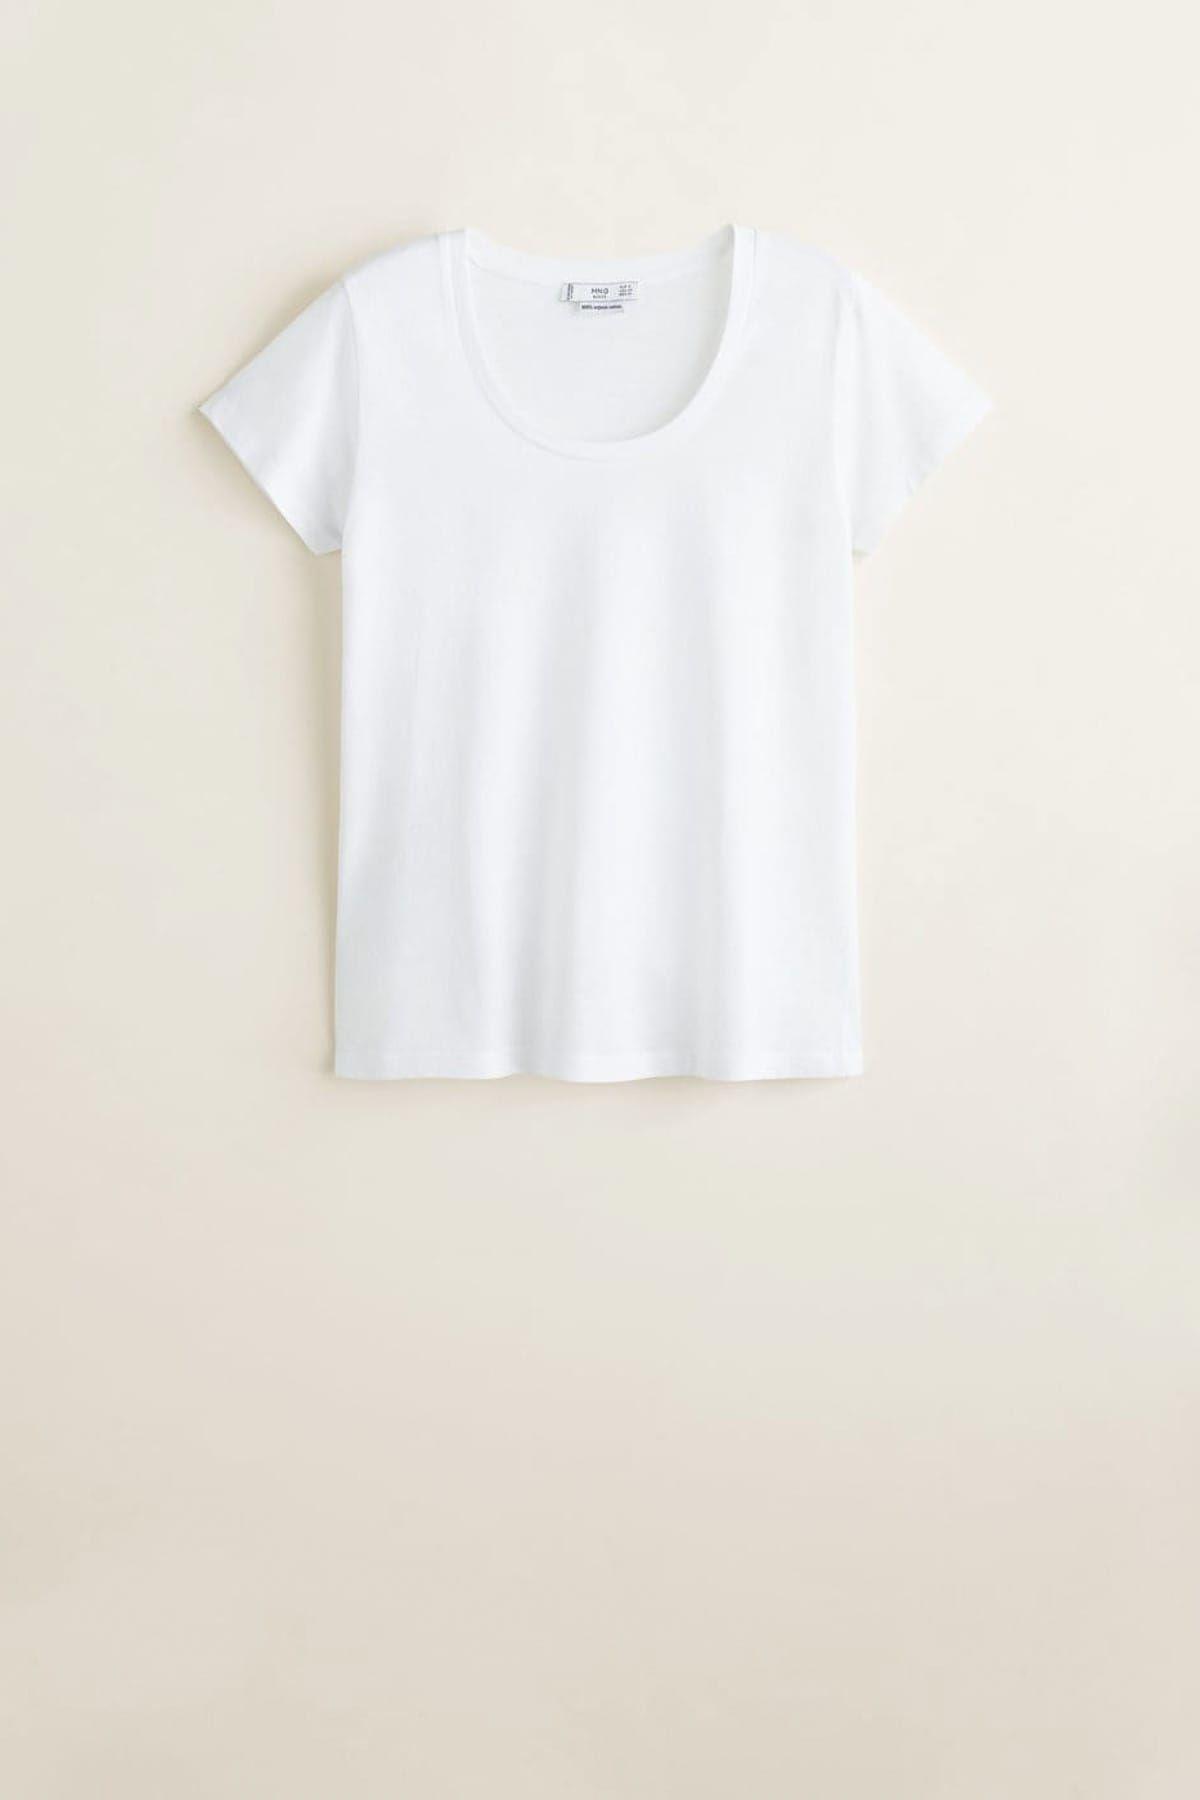 Kadin T Shirt Trendyol Da En Cok Satan Kadin V Yaka Ense